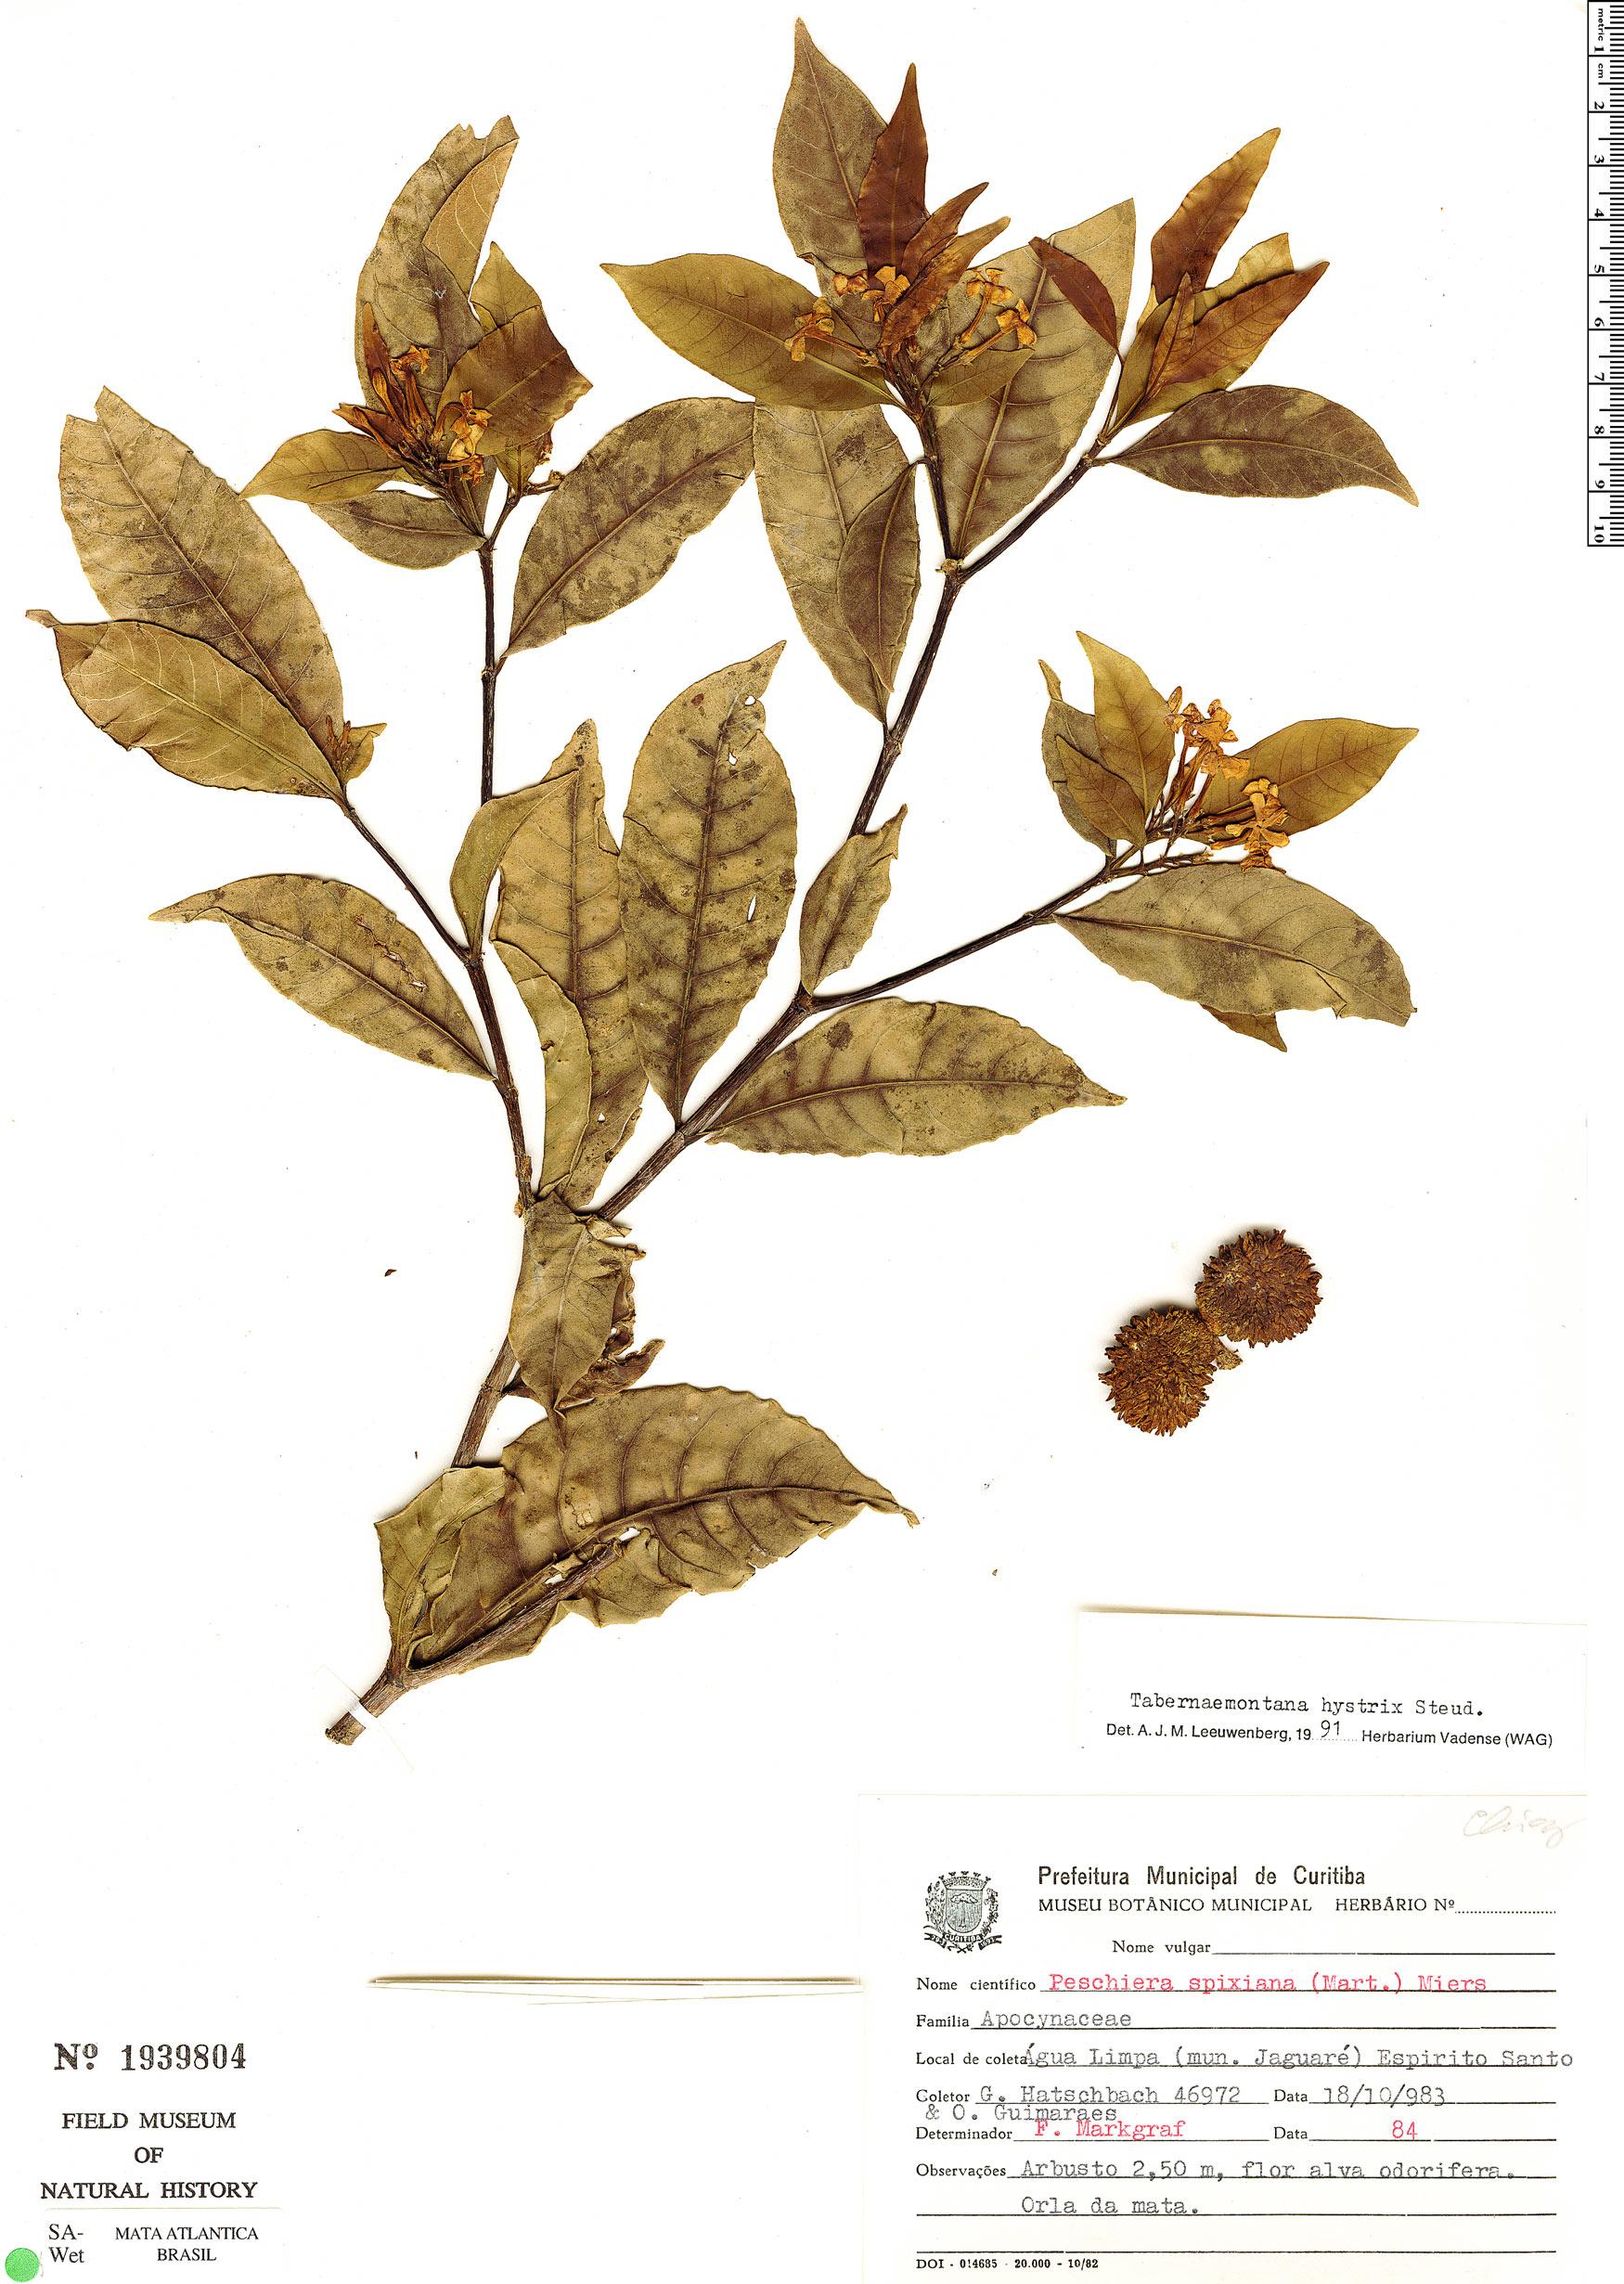 Espécimen: Tabernaemontana hystrix